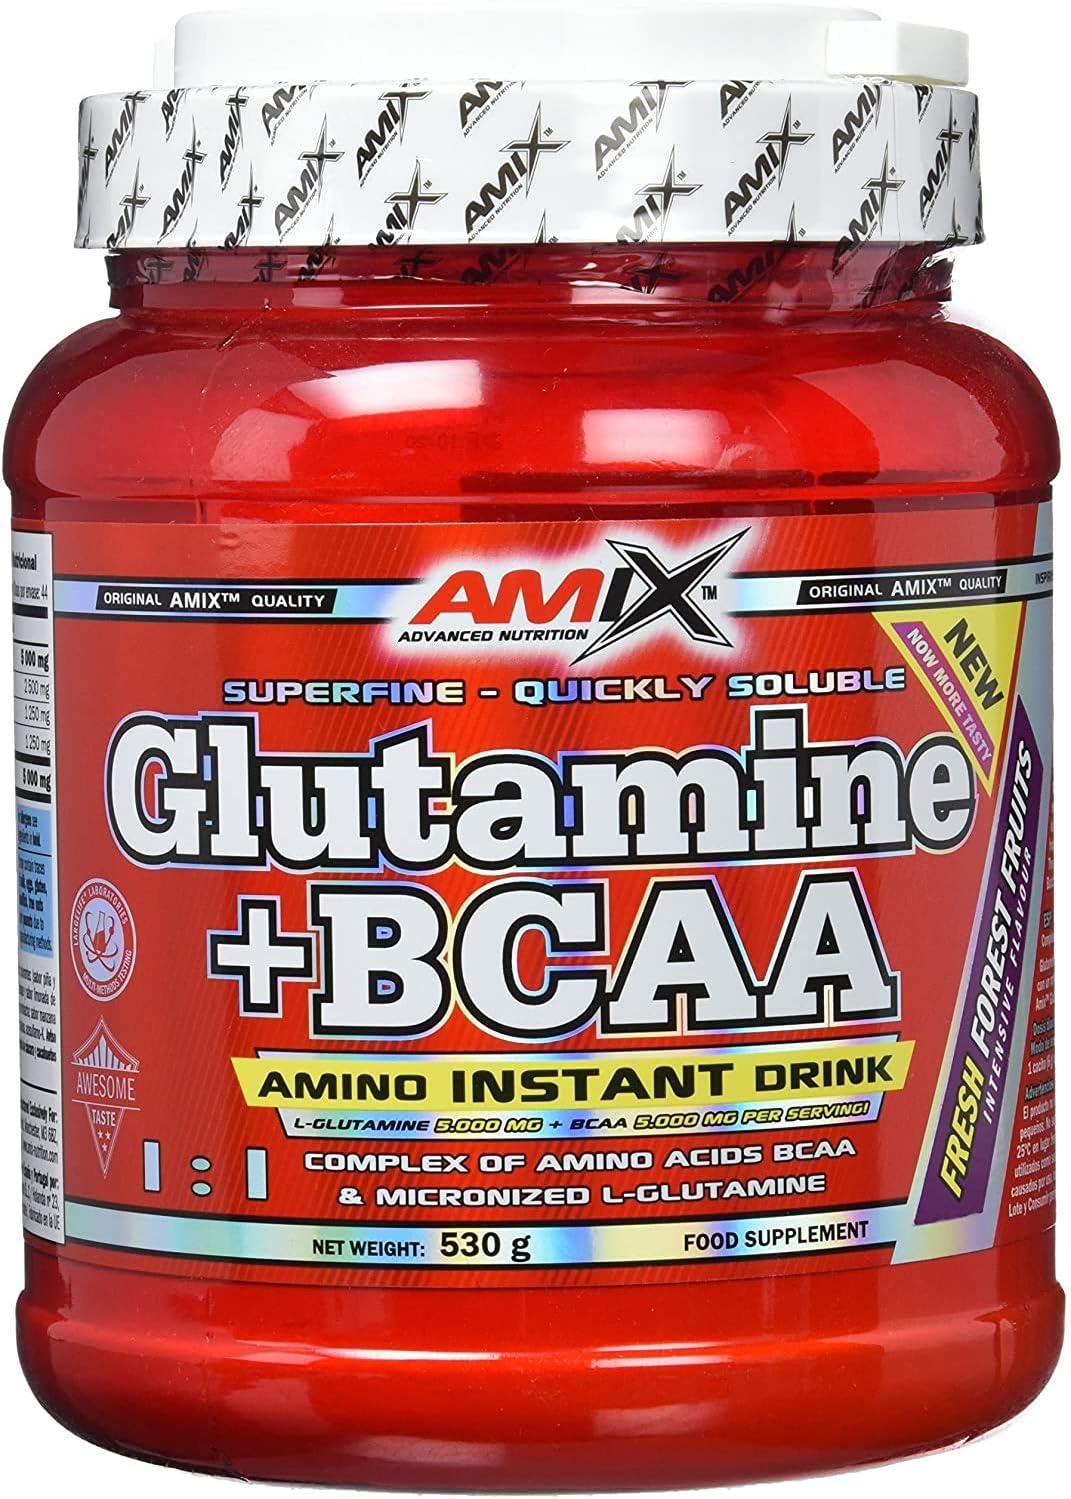 AMIX - Bcaa Glutamina - 530 Gramos - Complemento Alimenticio de Glutamina en Polvo - Reduce el Catabolismo Muscular - Óptimo para Deportistas - Sabor Frutas del Bosque - Aminoácidos Ramificados